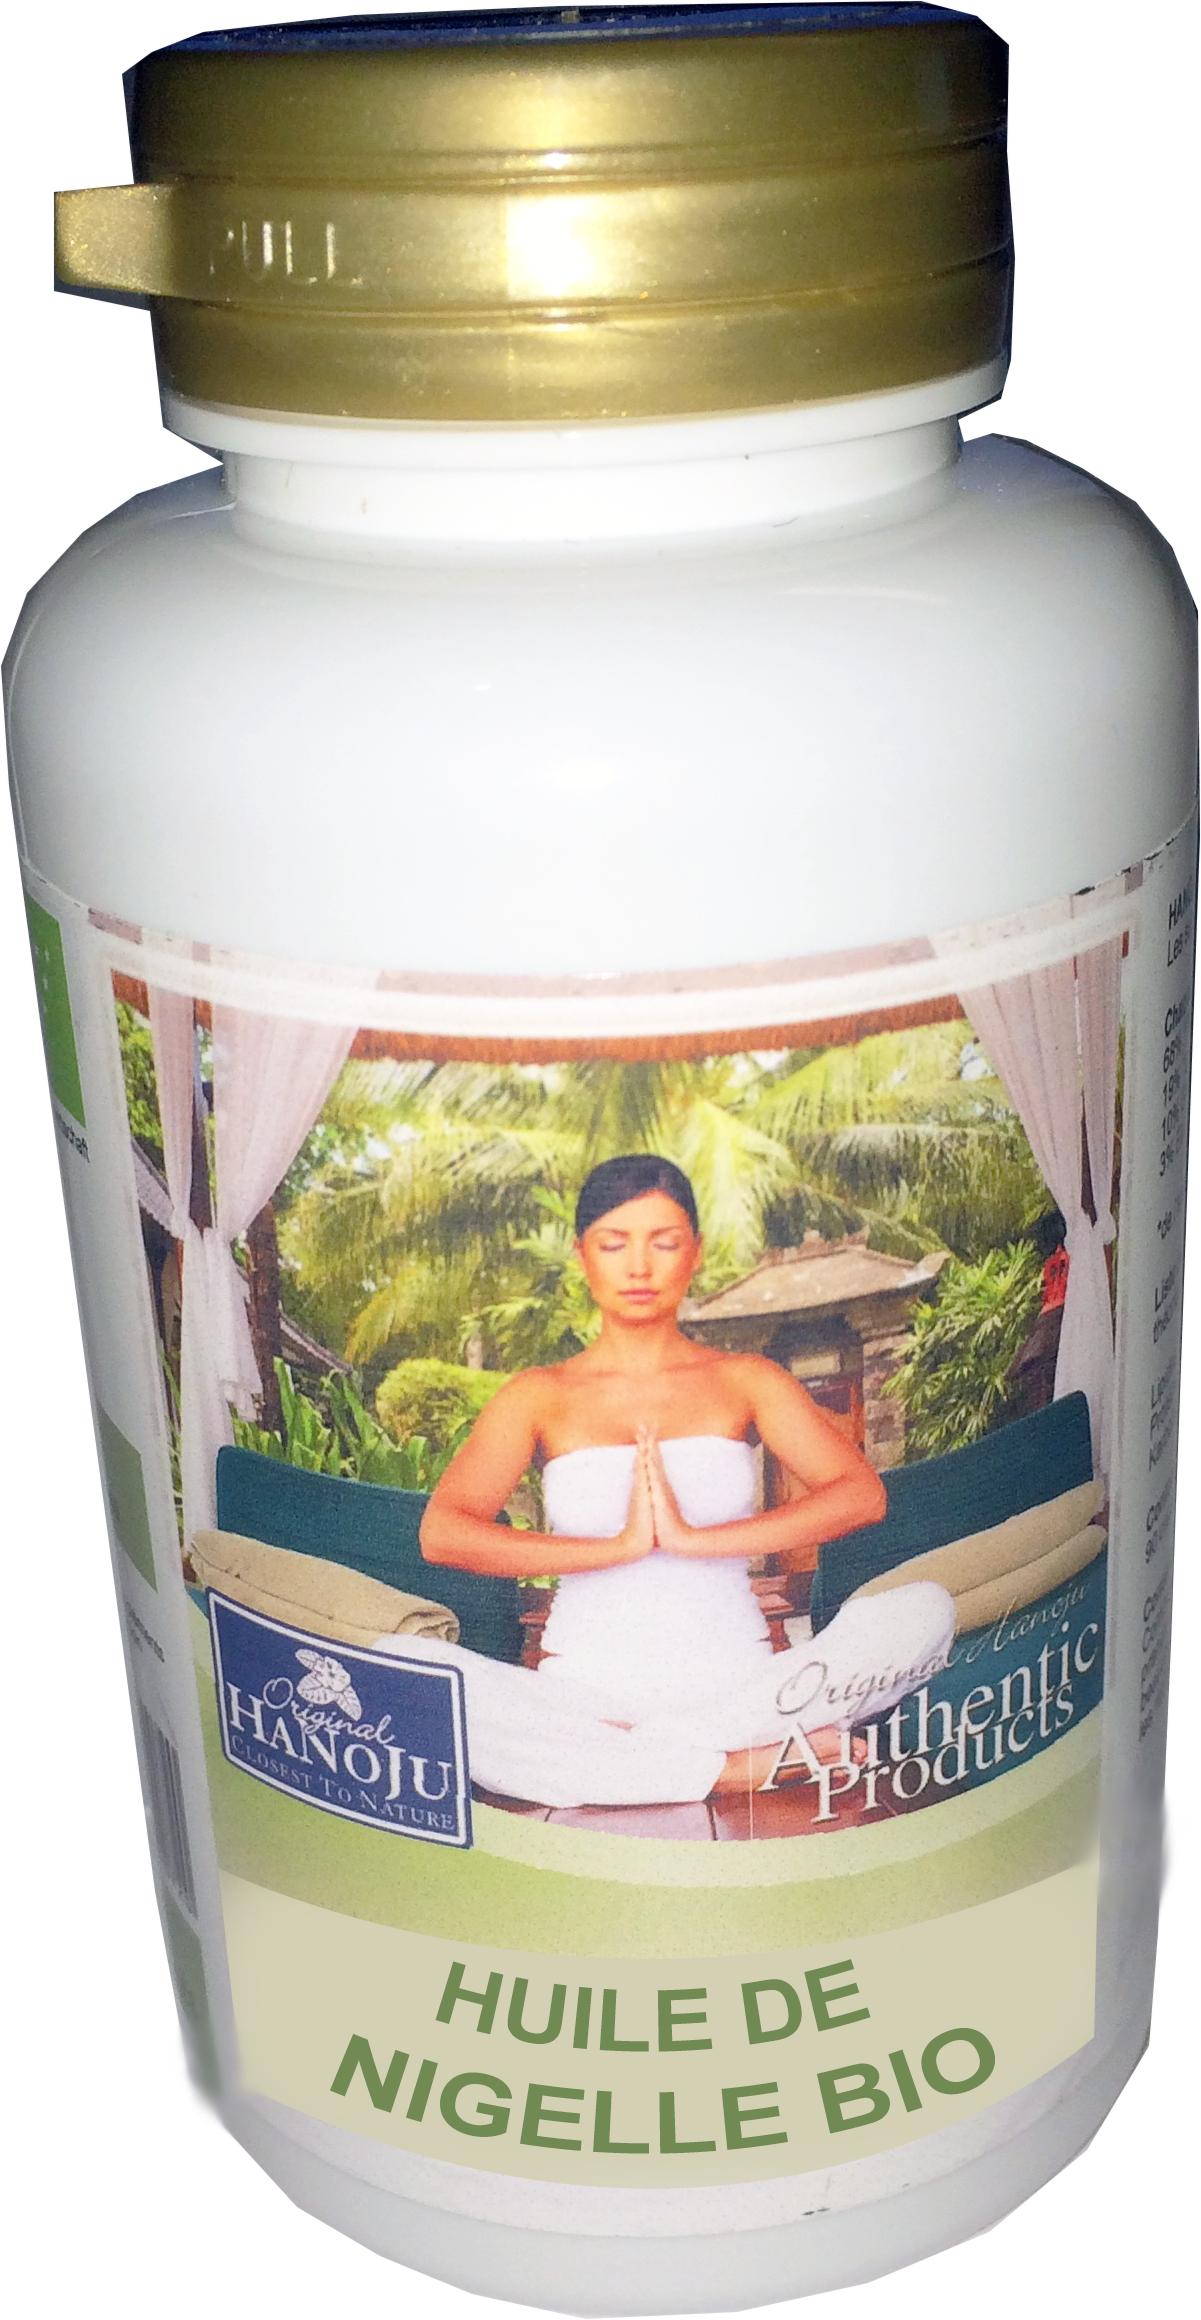 Hanoju Huile de Nigelle bio - 90 gélules - 500 mg